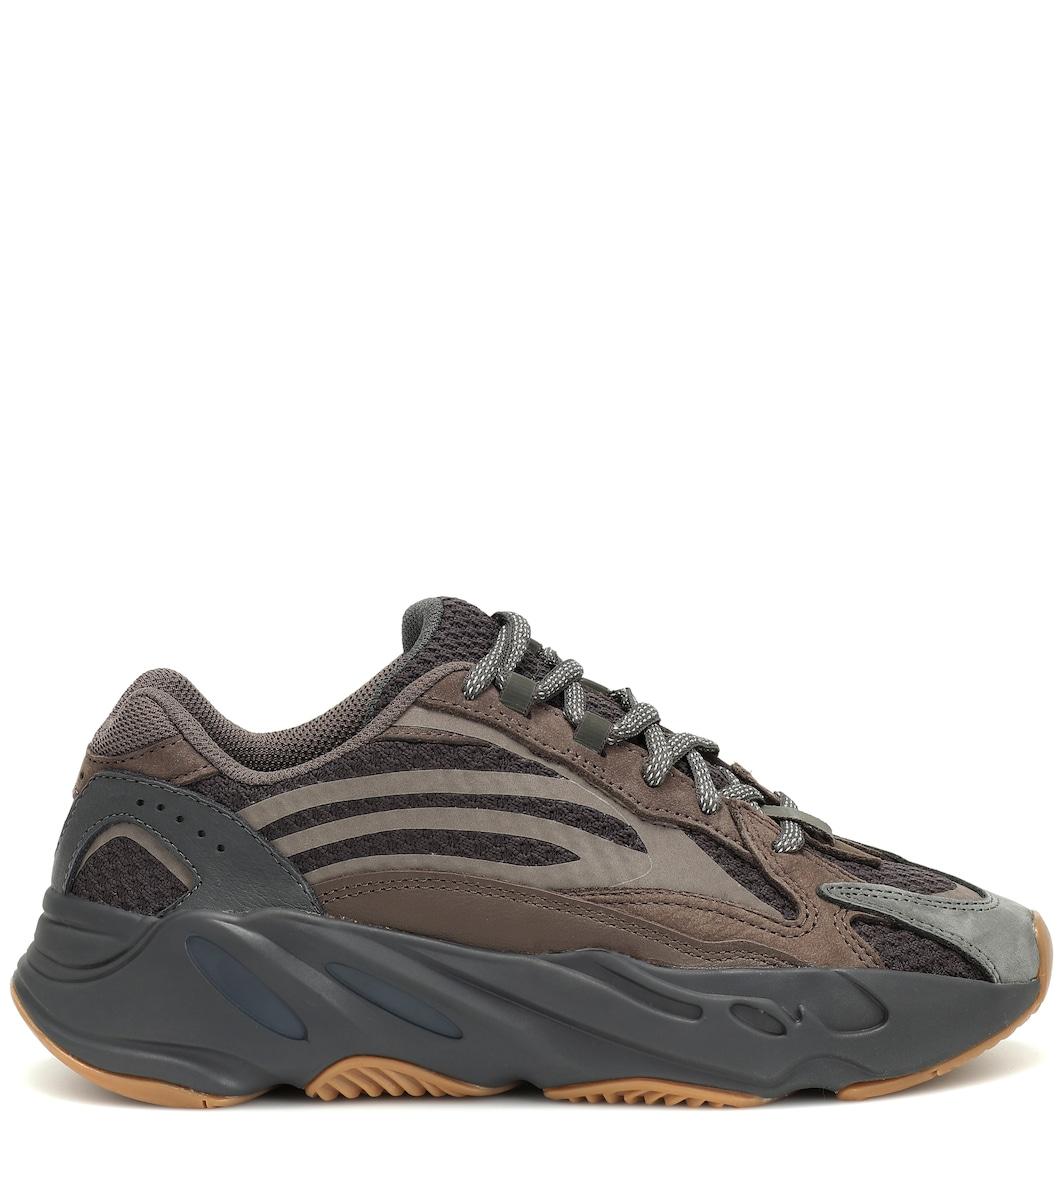 8456e0ec7ae2e Yeezy Boost 700 V2 Sneakers - Adidas Originals